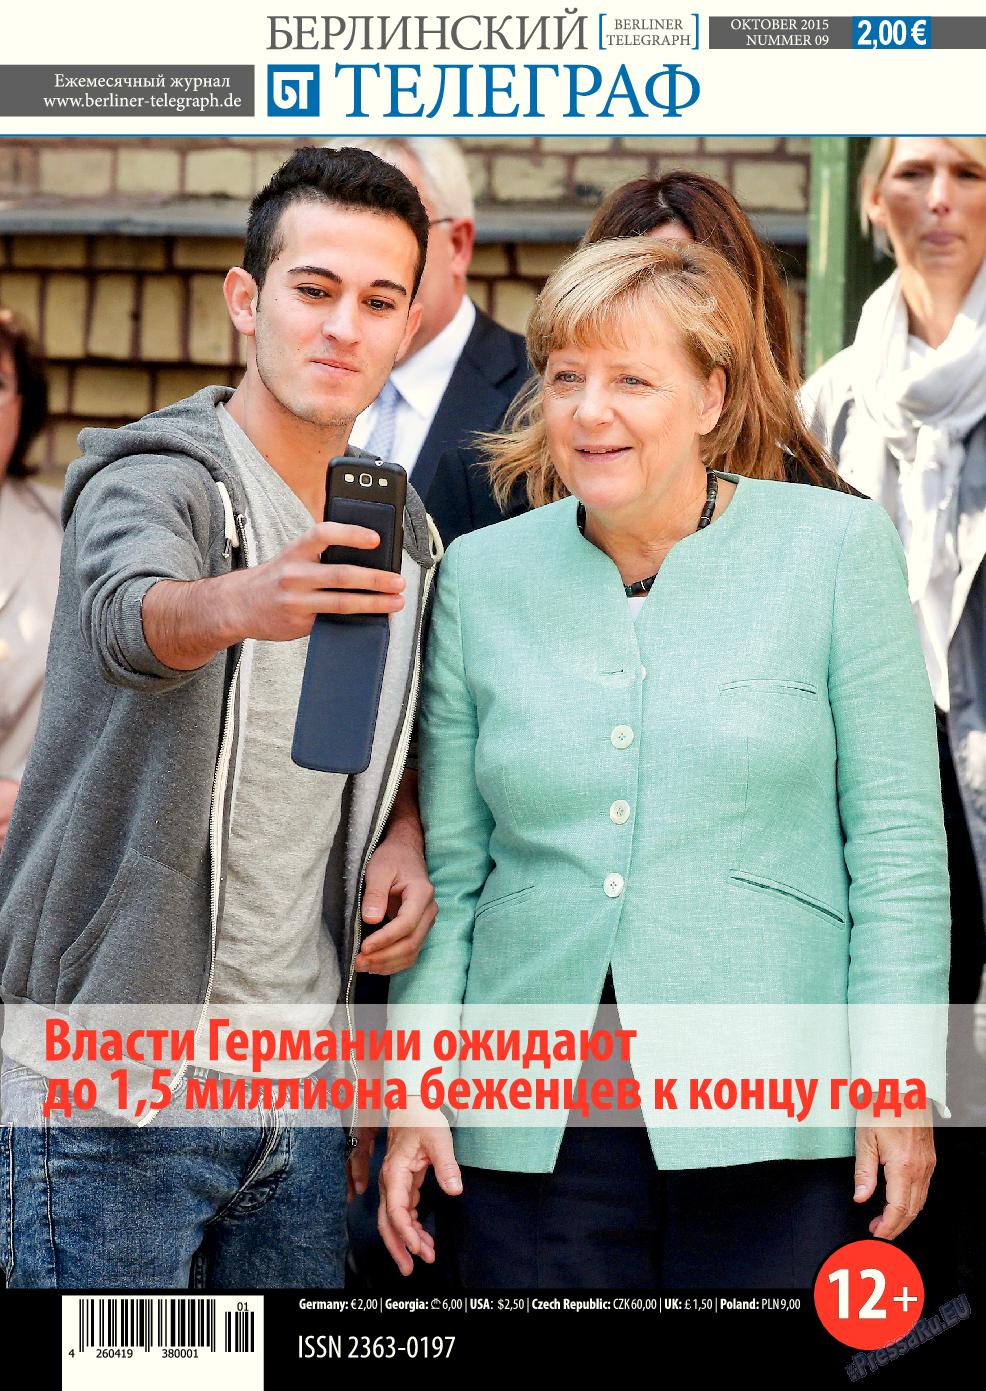 Берлинский телеграф (журнал). 2015 год, номер 10, стр. 1